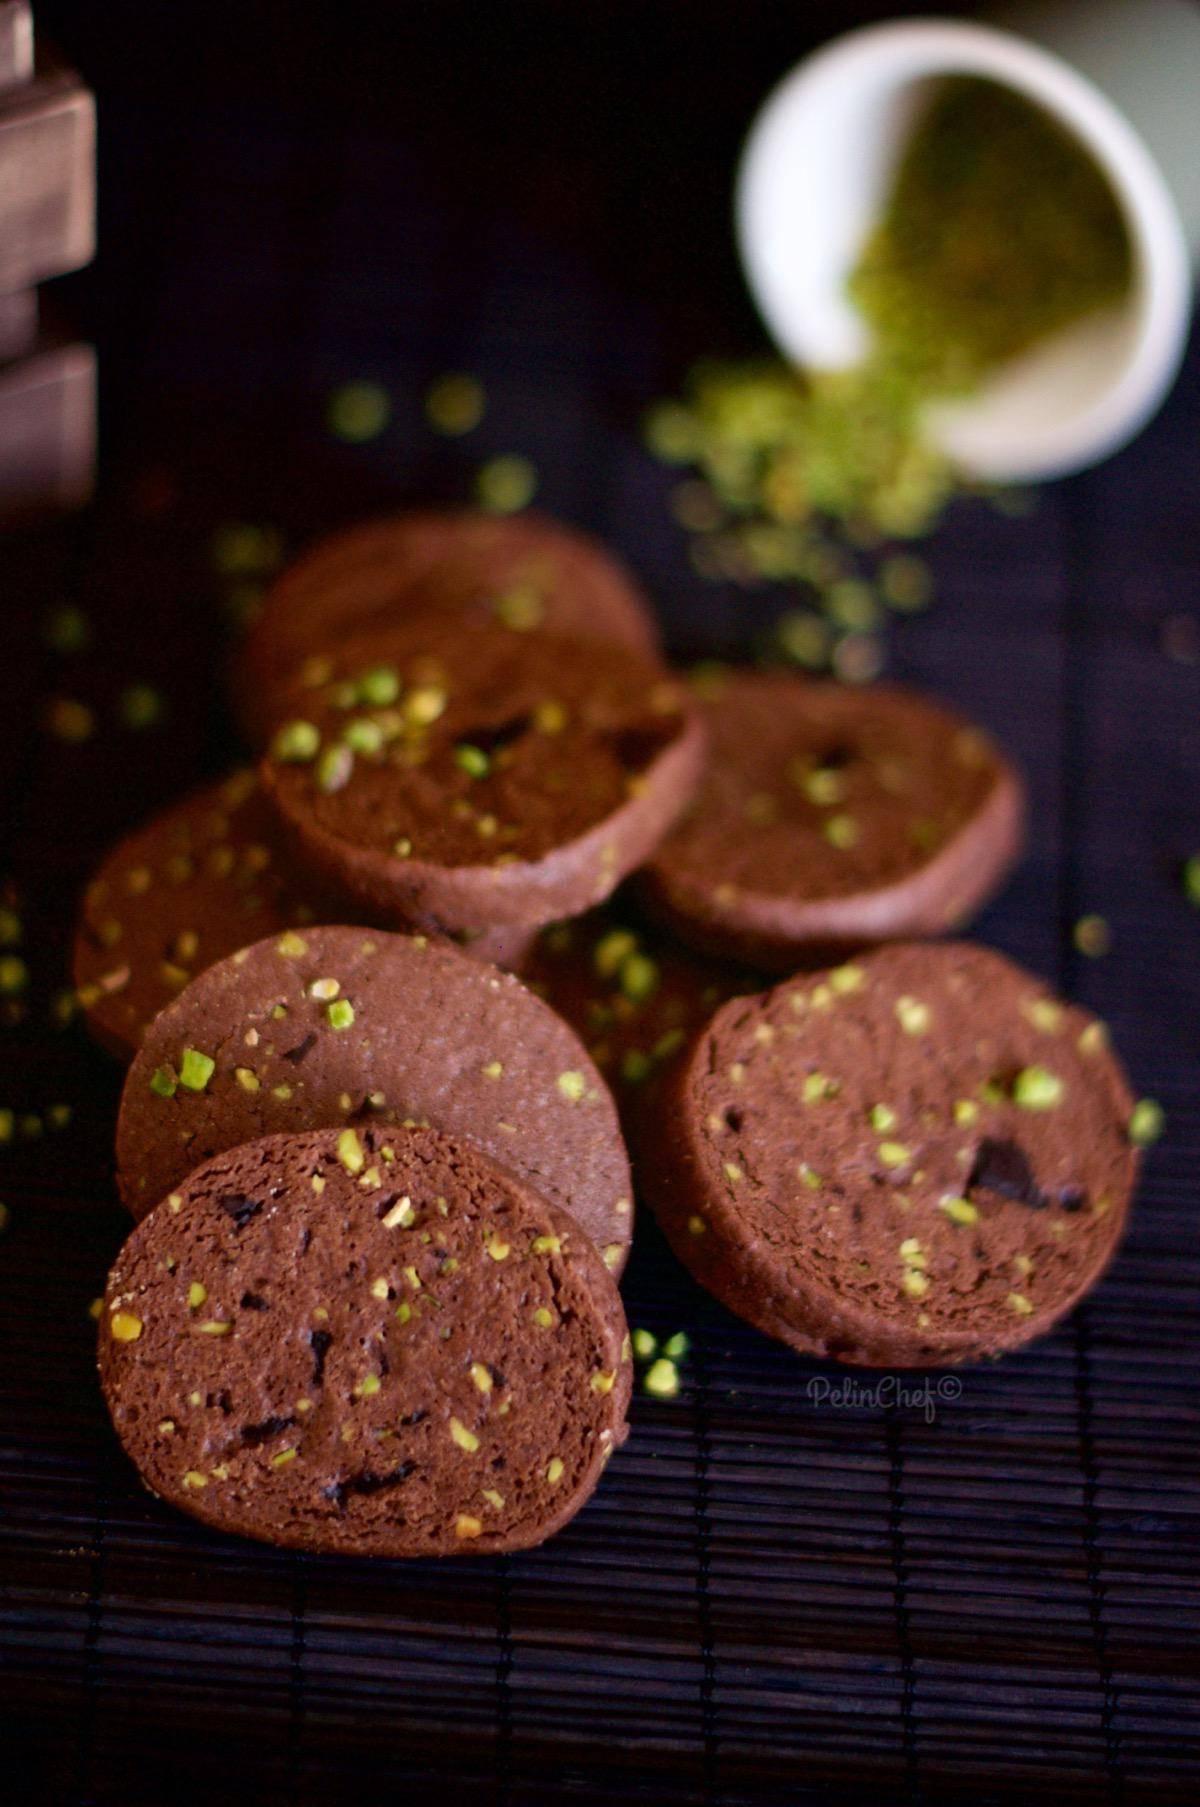 antep fıstıklı çikolatalı buzluk kurabiyesi